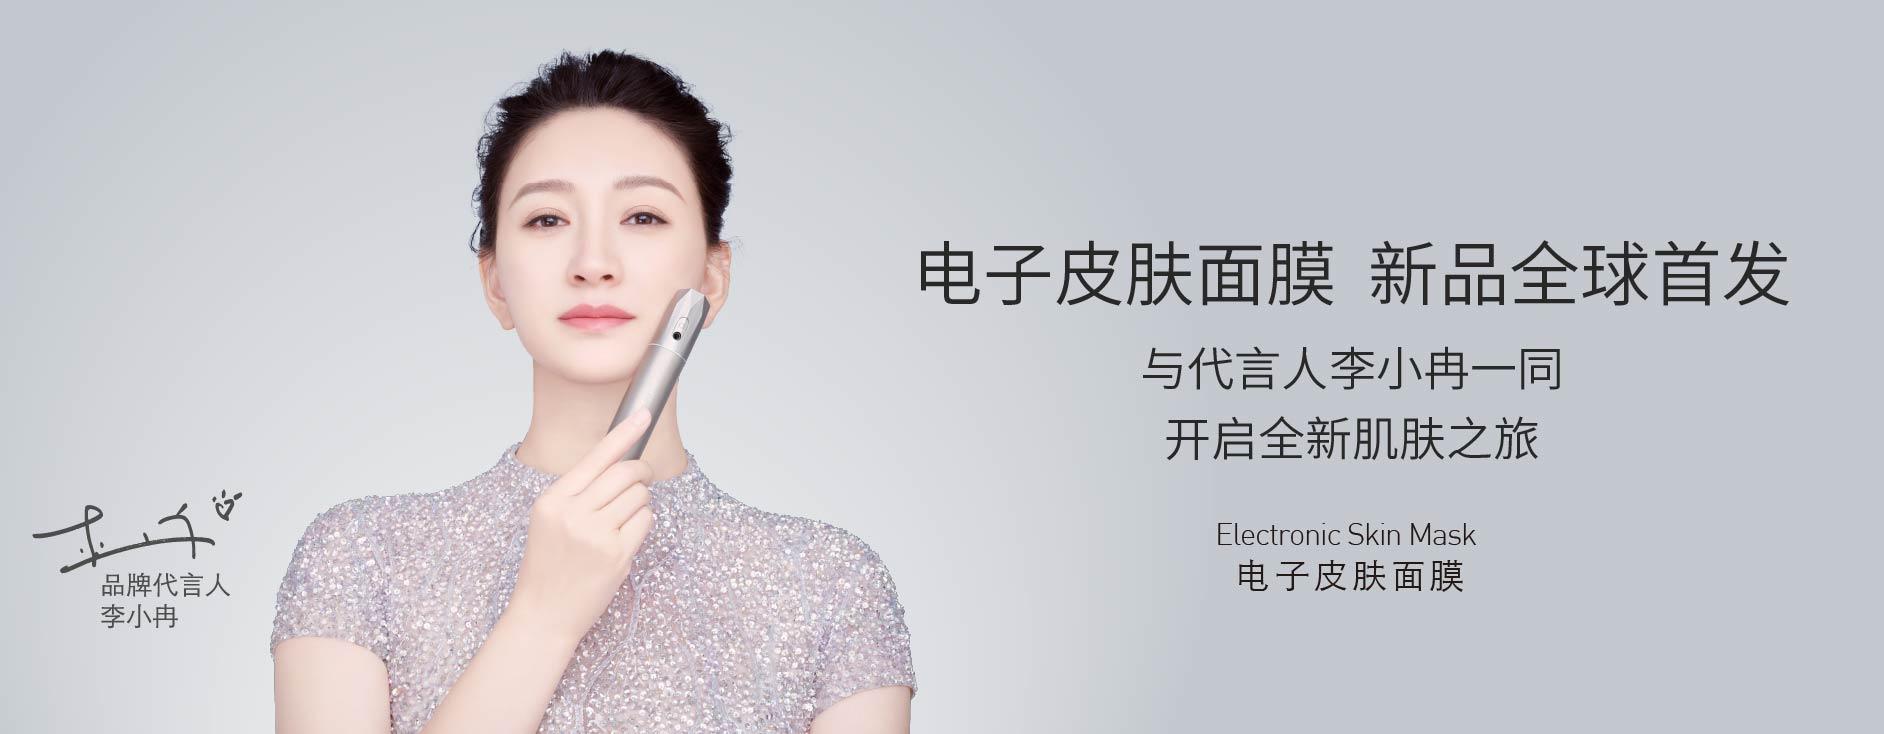 电子皮肤面膜 新品全球首发